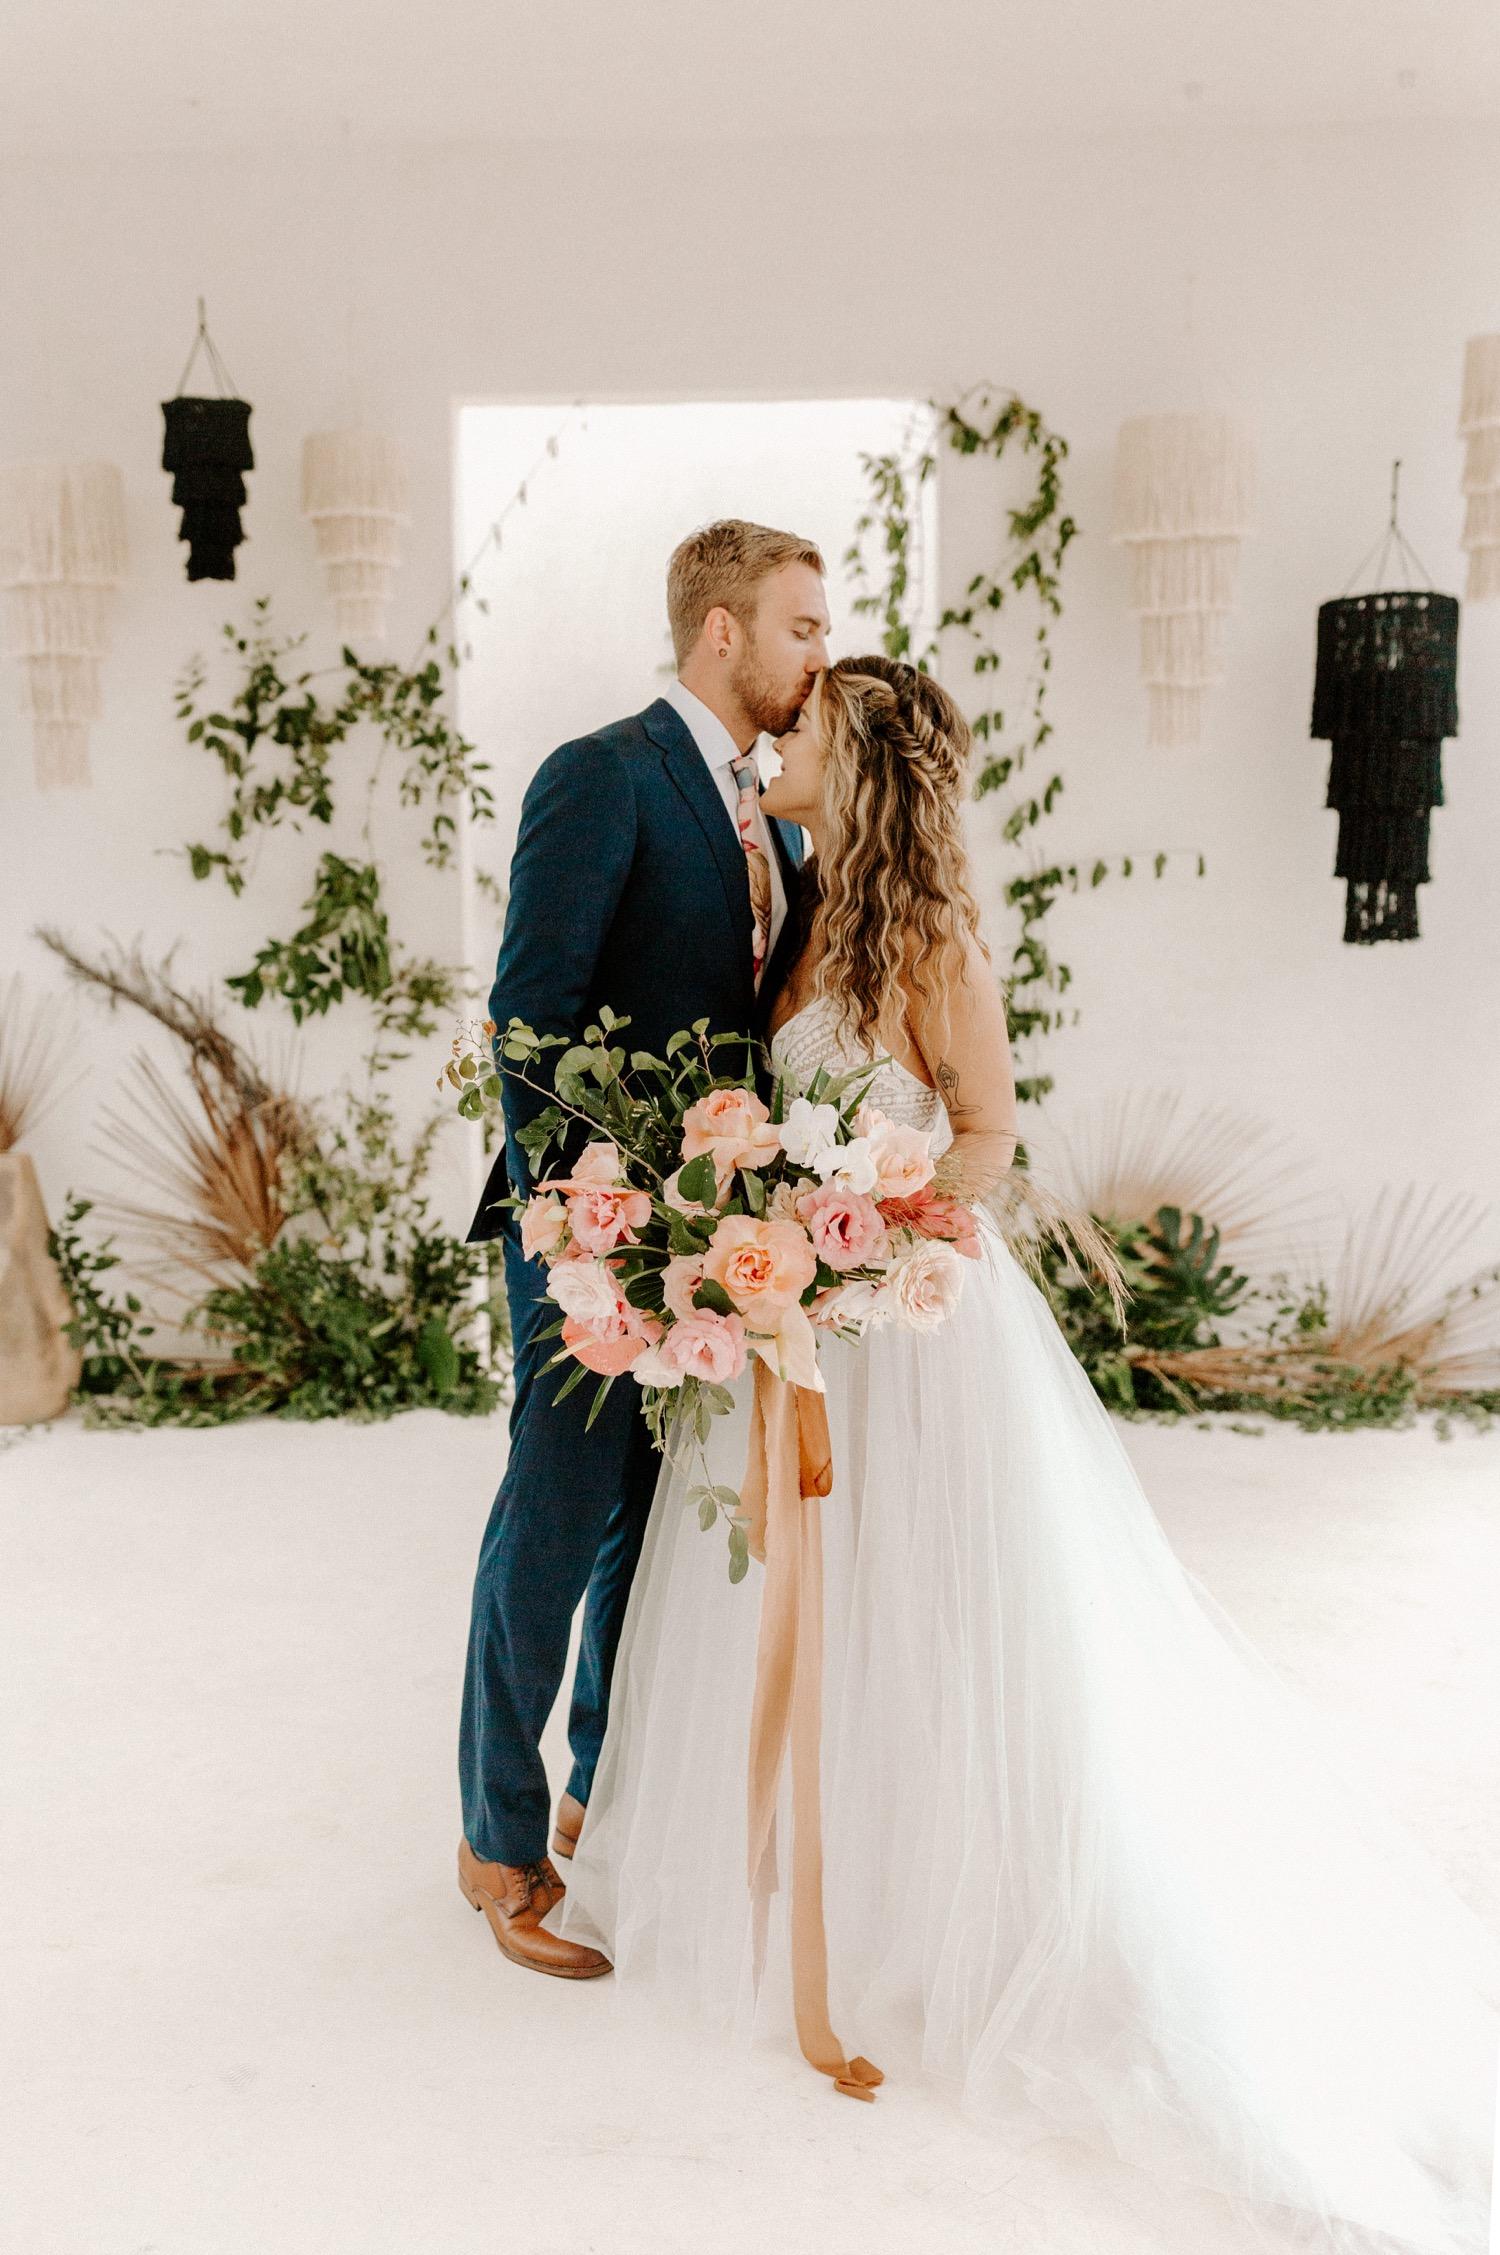 Bruidegom geeft bruid een kus op haar voorhoofd